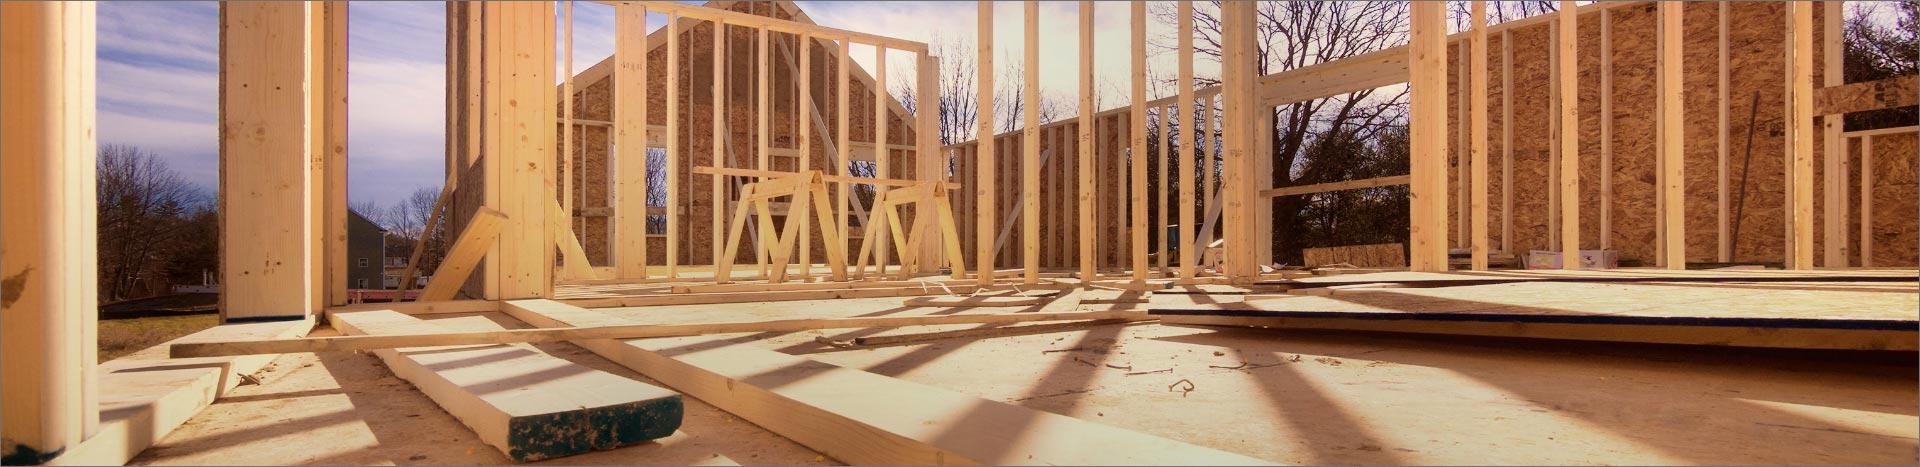 Bragg Building Slider 3